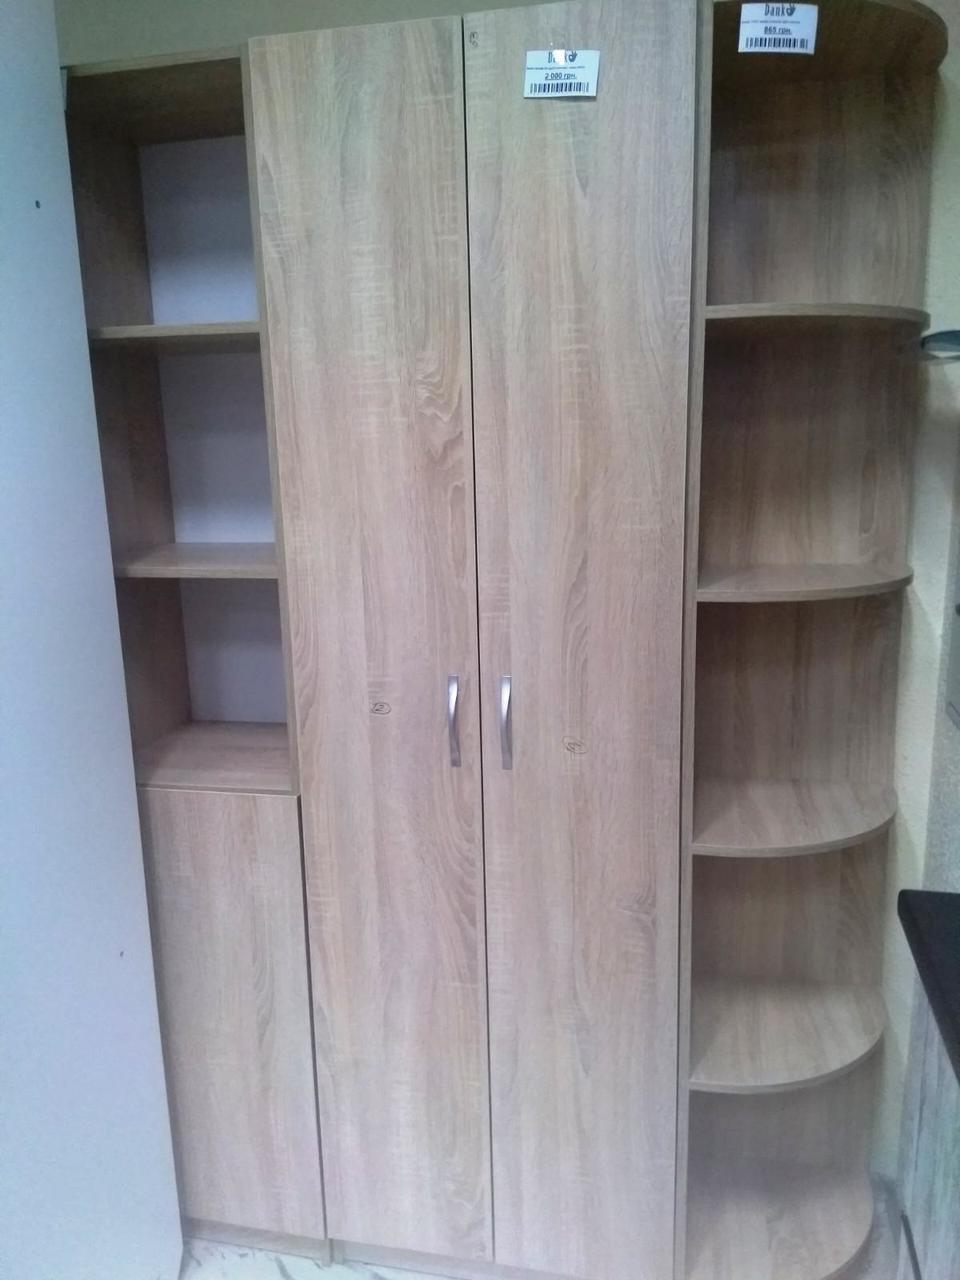 Офисный шкаф 200*60*35 см Данко, шкаф для одежды, ДСП дуб сонома